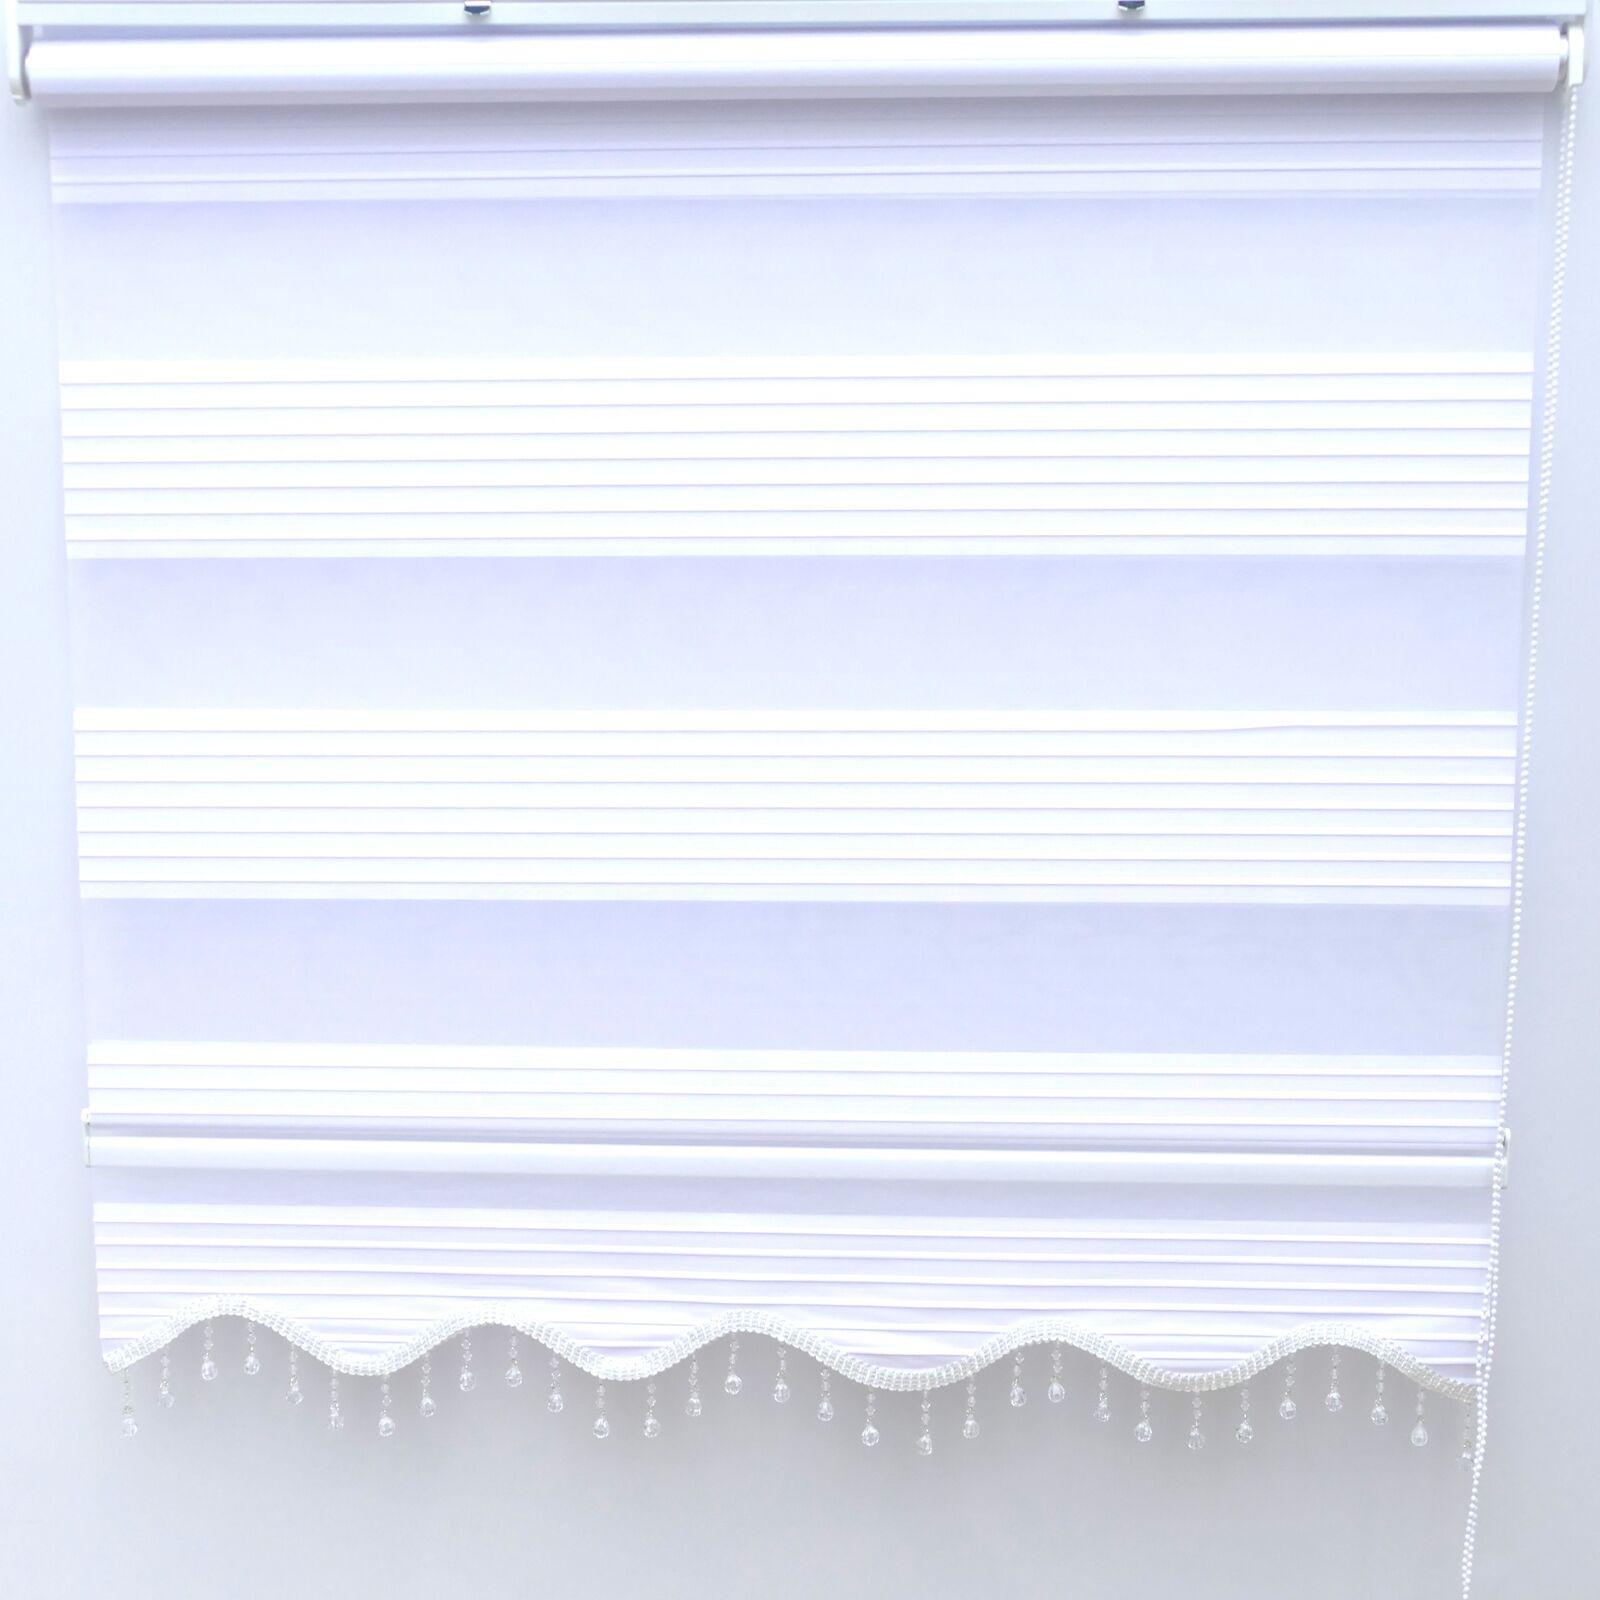 Full Size of Rollo Fenster Doppelrollo Milano Weiss Klemmfiduorollo Tr Fliegengitter Einbau Folie Für De Insektenschutz Wohnzimmer Sichtschutzfolie Landhaus Runde Türen Fenster Rollo Fenster